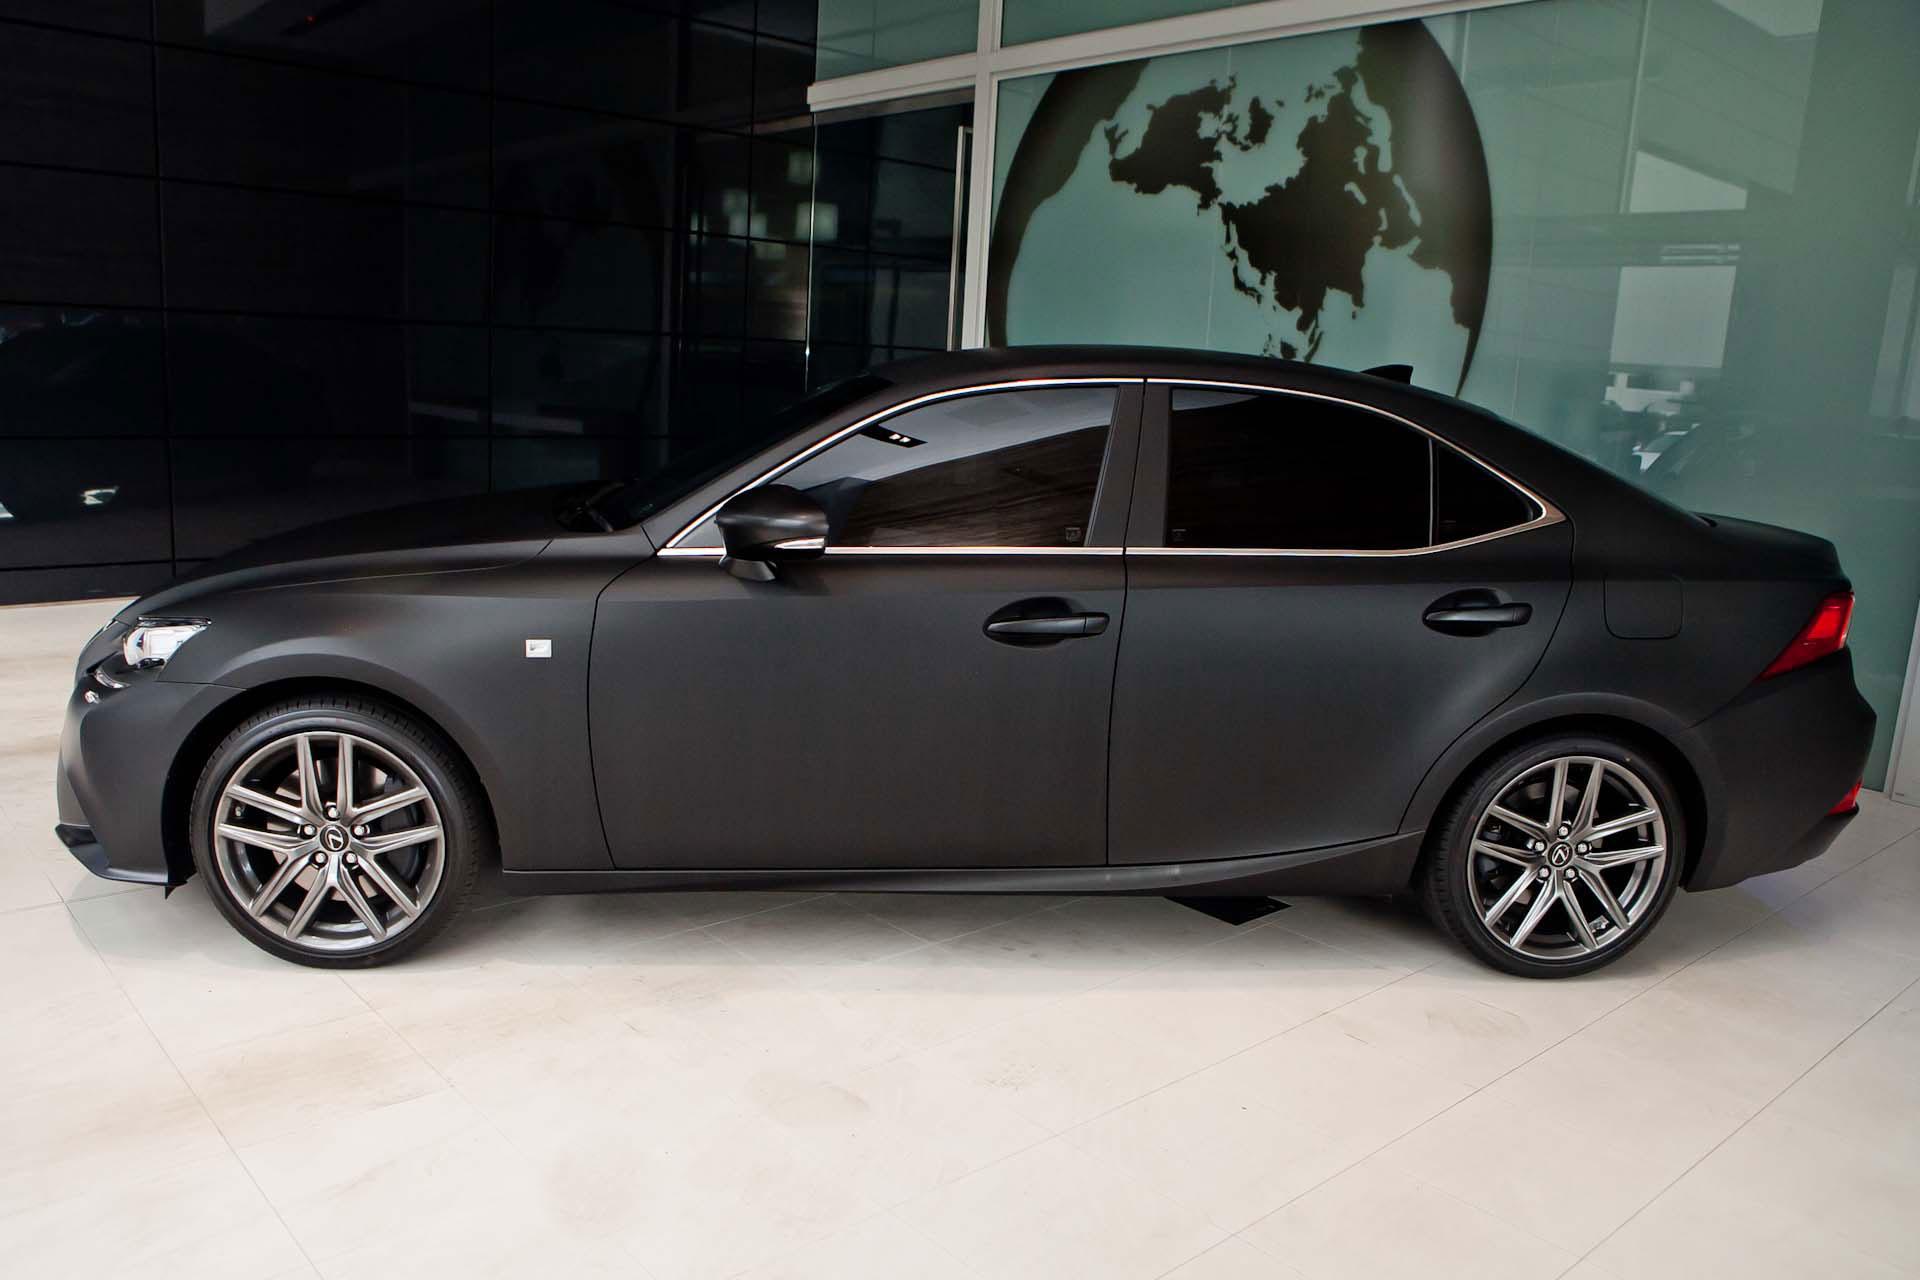 2014 Lexus Gs 350 For Sale >> Photo Gallery: 2014 Lexus IS 350 F SPORT in Matte Black ...